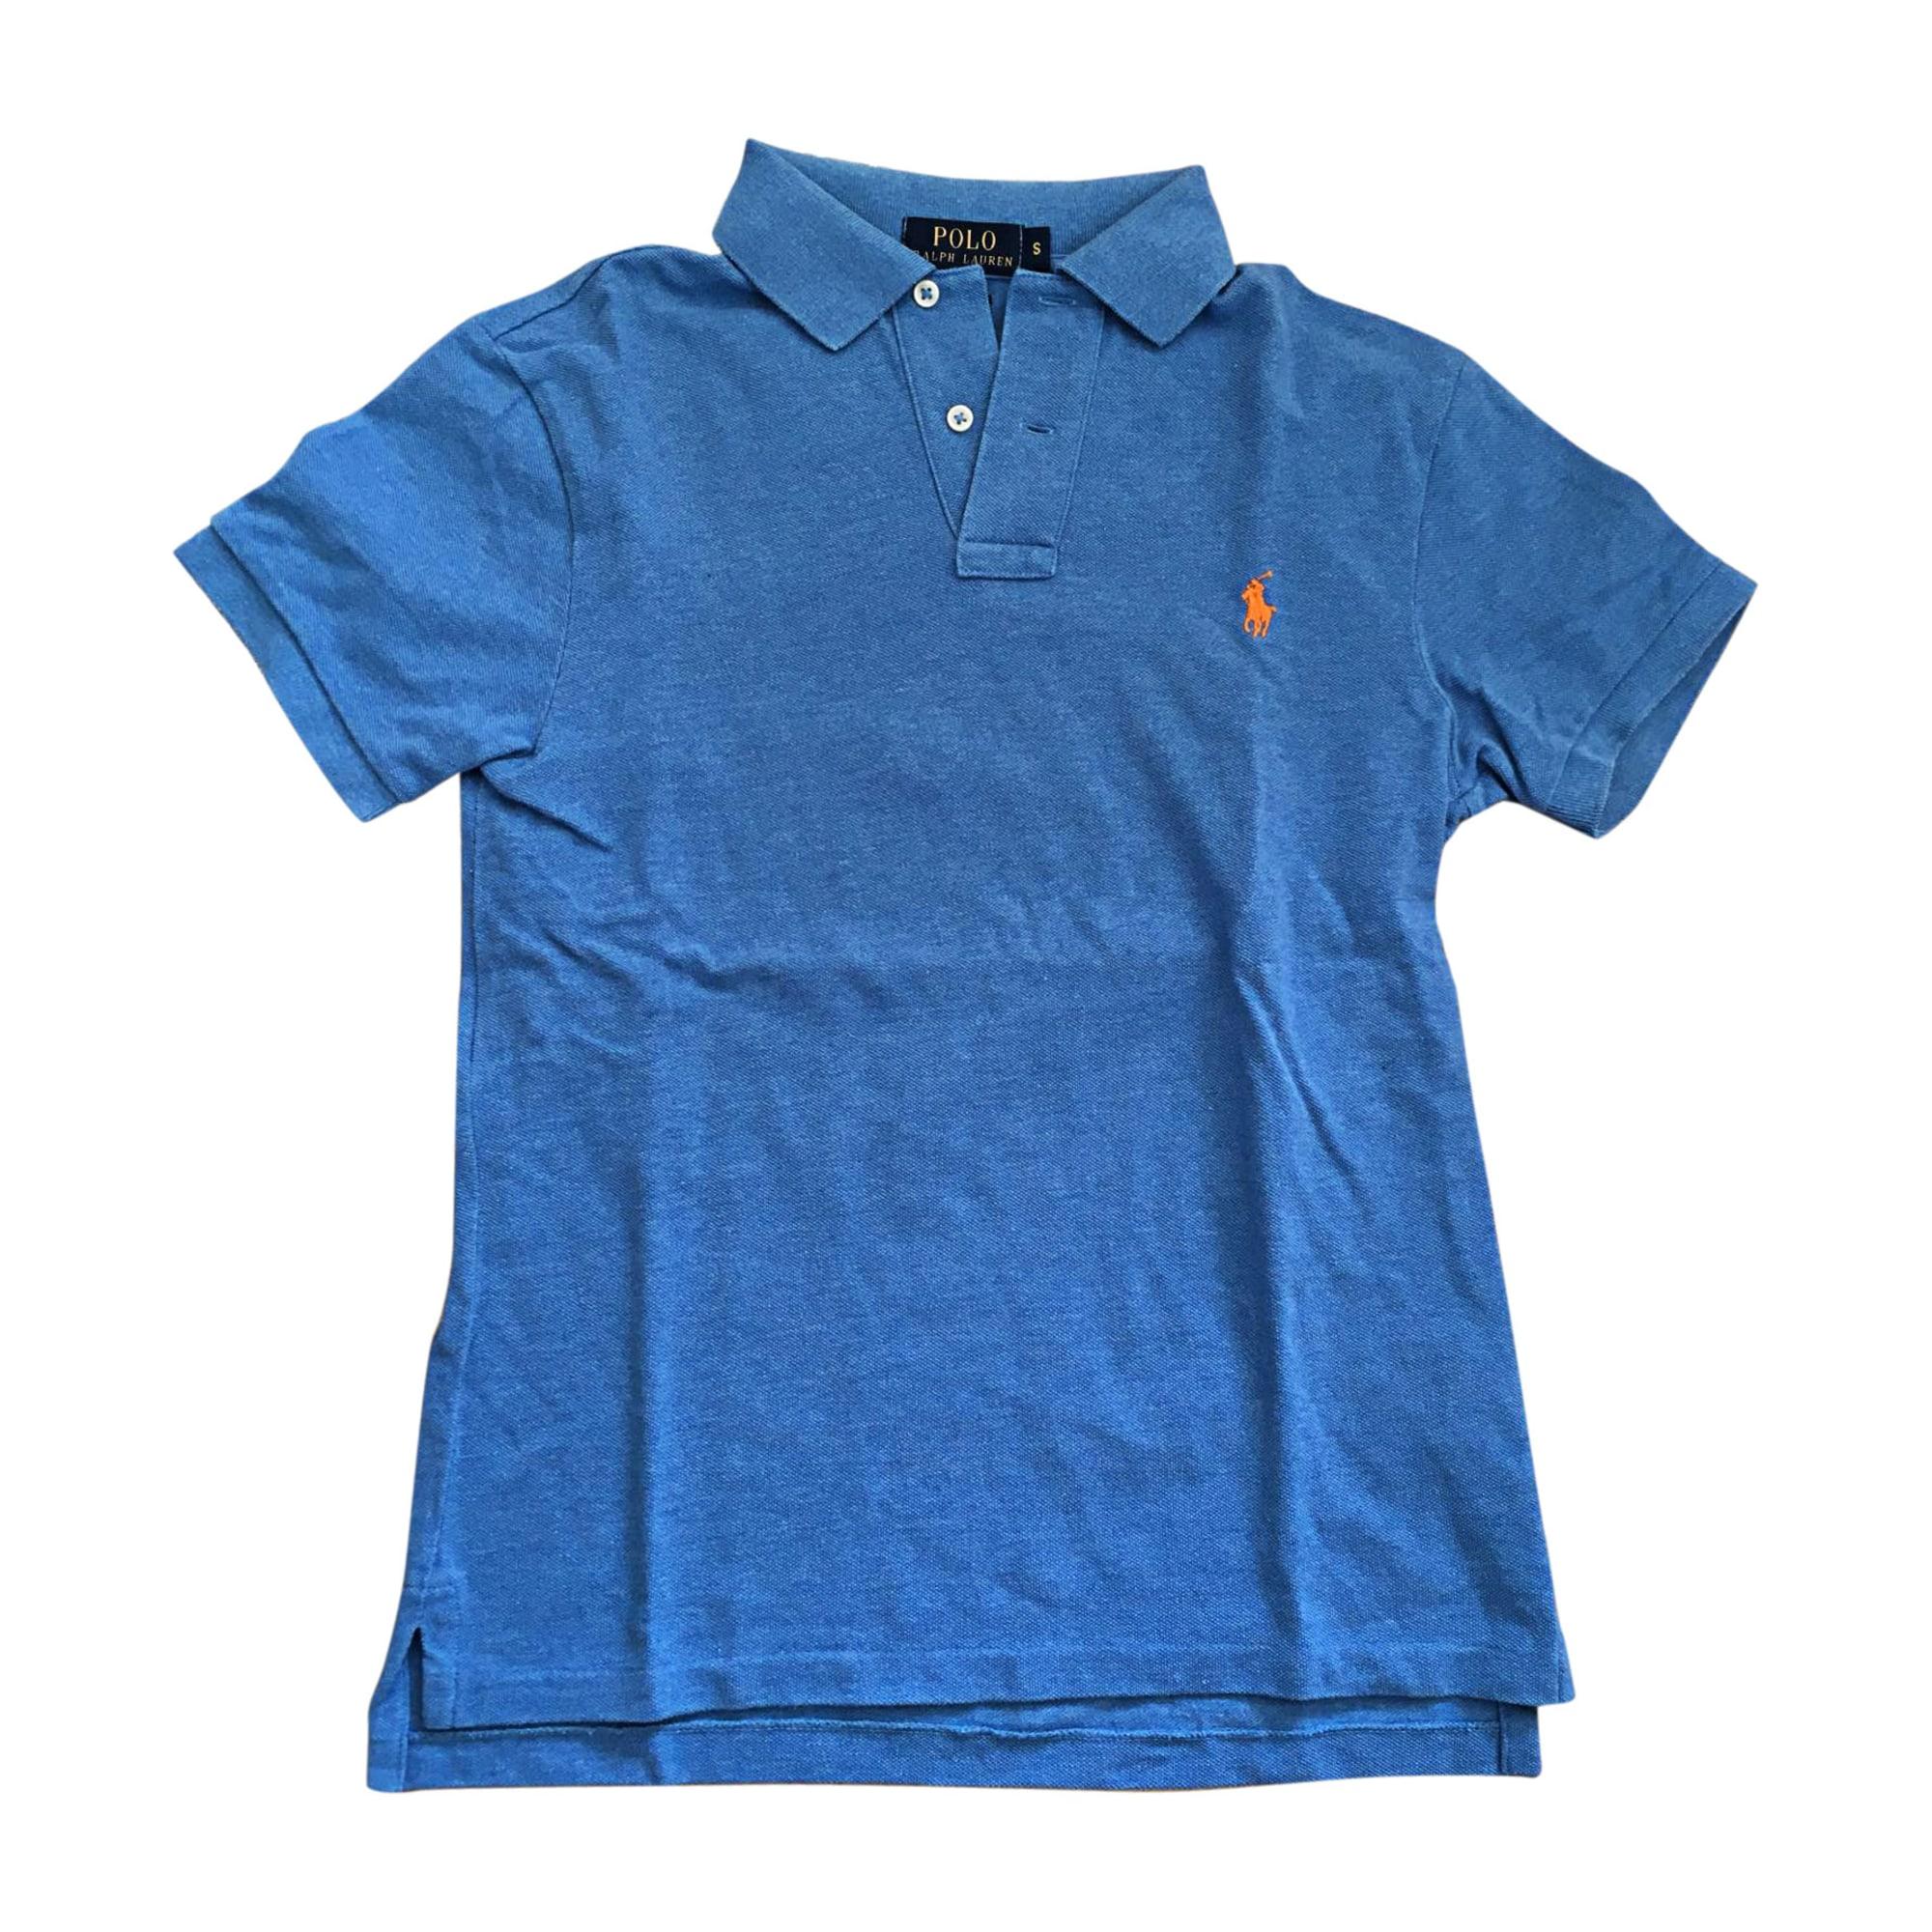 f448ee596bee Polo RALPH LAUREN 1 (S) bleu vendu par Aduwernell - 7833186